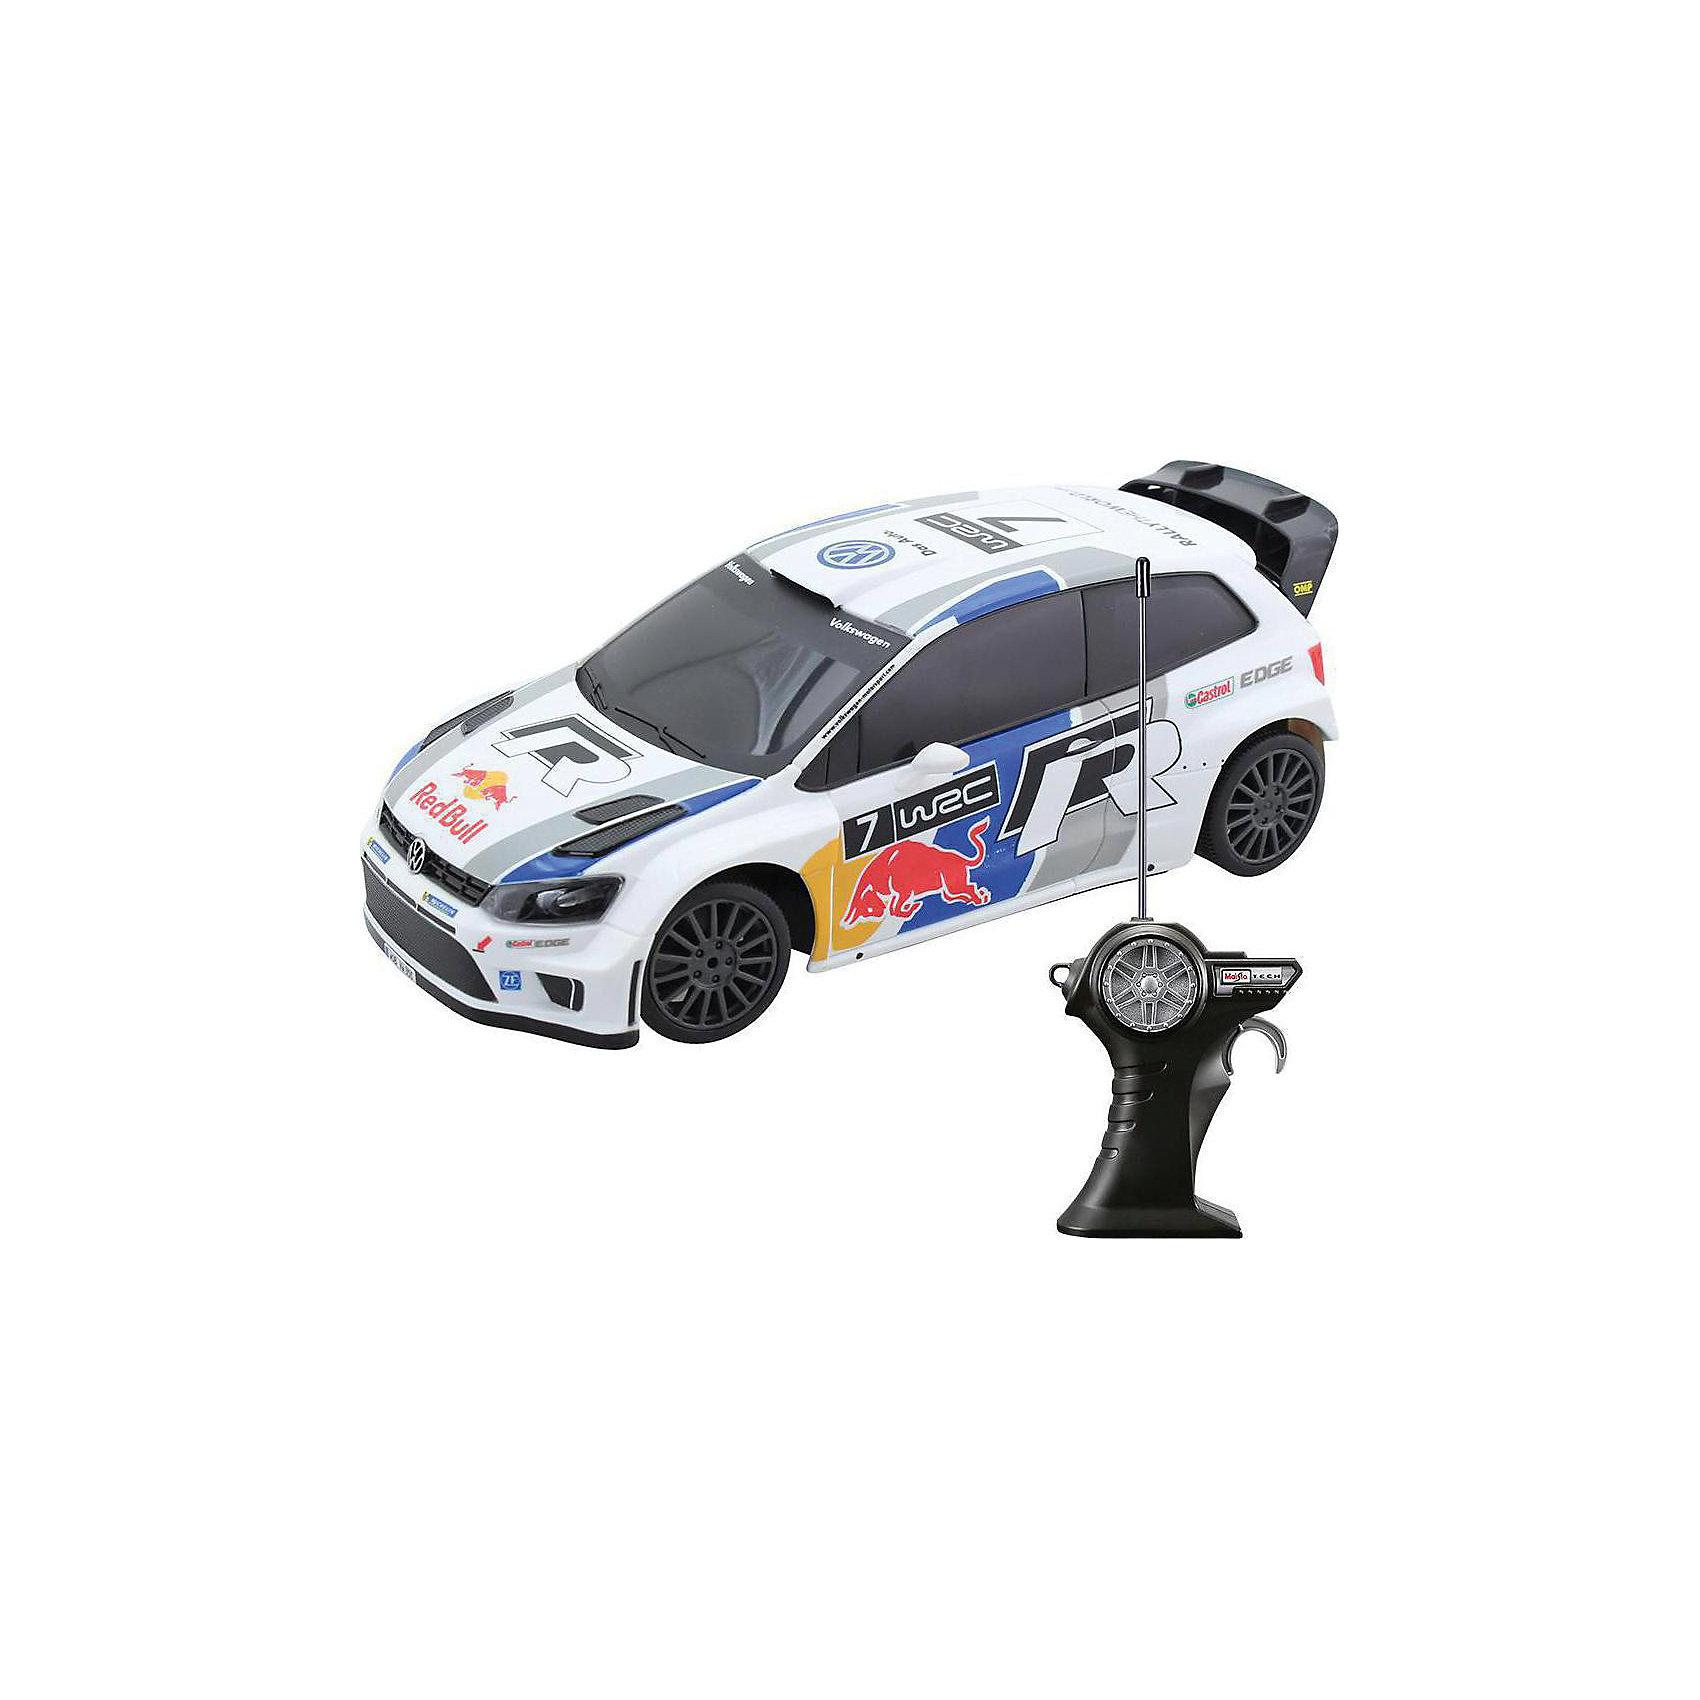 Машинка Volkswagen Polo WRC на р/у 1:24, MaistoРадиоуправляемый транспорт<br>Радиоуправляемая машинка Volkswagen Polo выполнена в полном соответствии с оригинальной моделью в масштабе 1:24. Среди особенностей следует обратить внимание на функциональные элементы машины: при поднятии капота перед вами предстает настоящая копия двигателя, колеса и руль можно легко регулировать. Модель окрашена в яркую цветовую гамму.<br><br>Дополнительная информация:<br><br>- Управление: радиоуправляемая<br>- Размеры машинки: 29 x 17 x 21 см<br>- Масштаб: 1:24<br>- Материал: пластик, металл<br><br>Машинку Volkswagen Polo WRC на р/у 1:24, Maisto можно купить в нашем интернет-магазине.<br><br>Ширина мм: 279<br>Глубина мм: 131<br>Высота мм: 182<br>Вес г: 505<br>Возраст от месяцев: 96<br>Возраст до месяцев: 156<br>Пол: Мужской<br>Возраст: Детский<br>SKU: 3784161